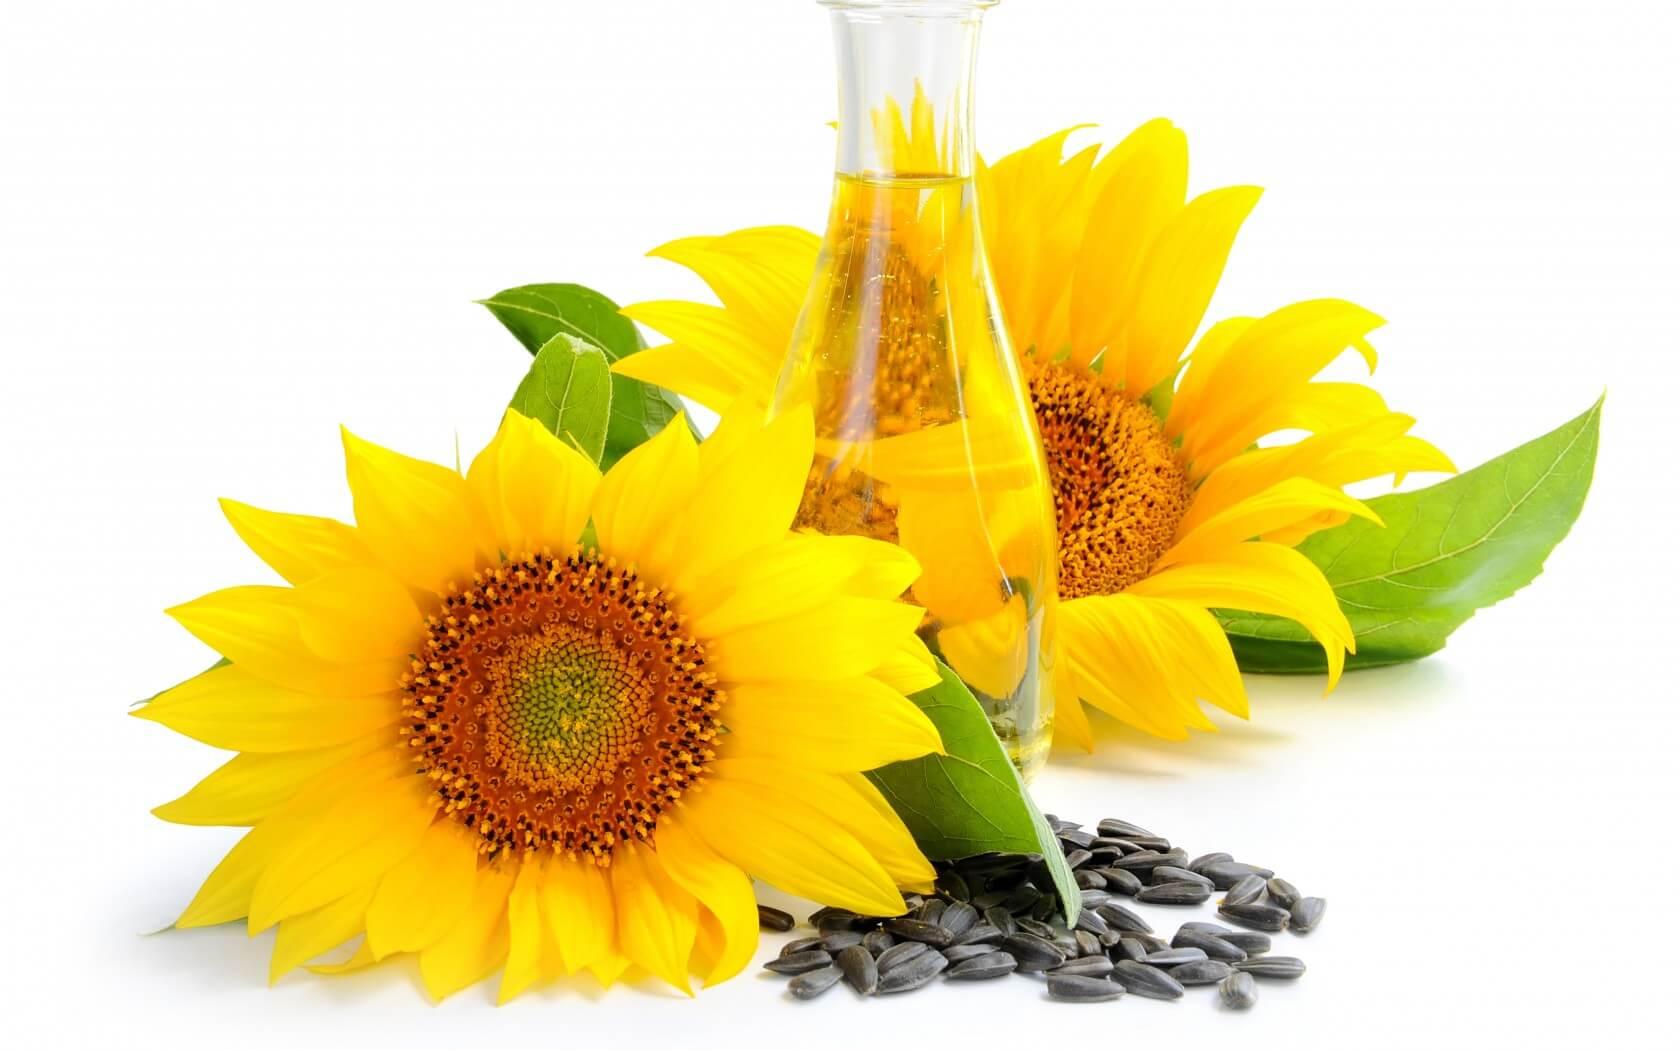 Que vitaminas son mejor beber contra la caída de los cabello